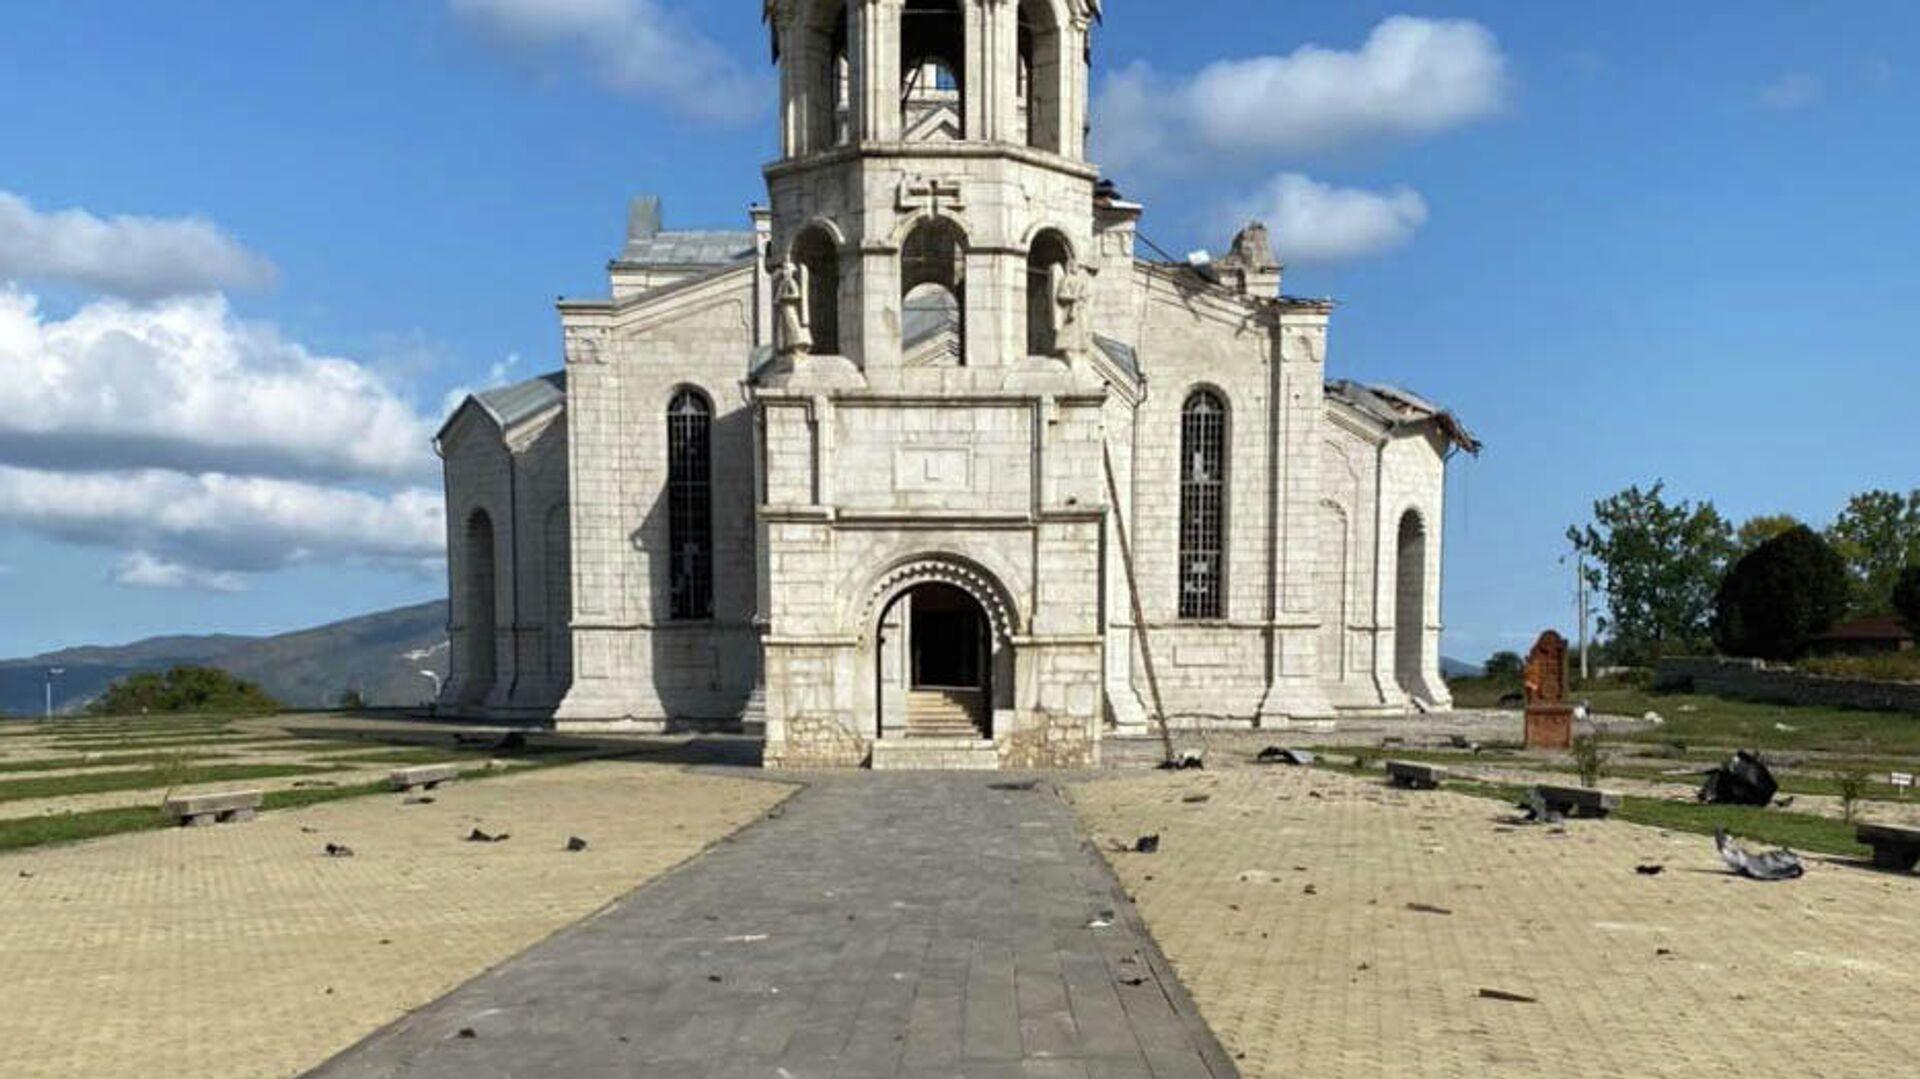 Попавший под обстрел собор Христа Всеспасителя в карабахском Шуши  - РИА Новости, 1920, 14.11.2020